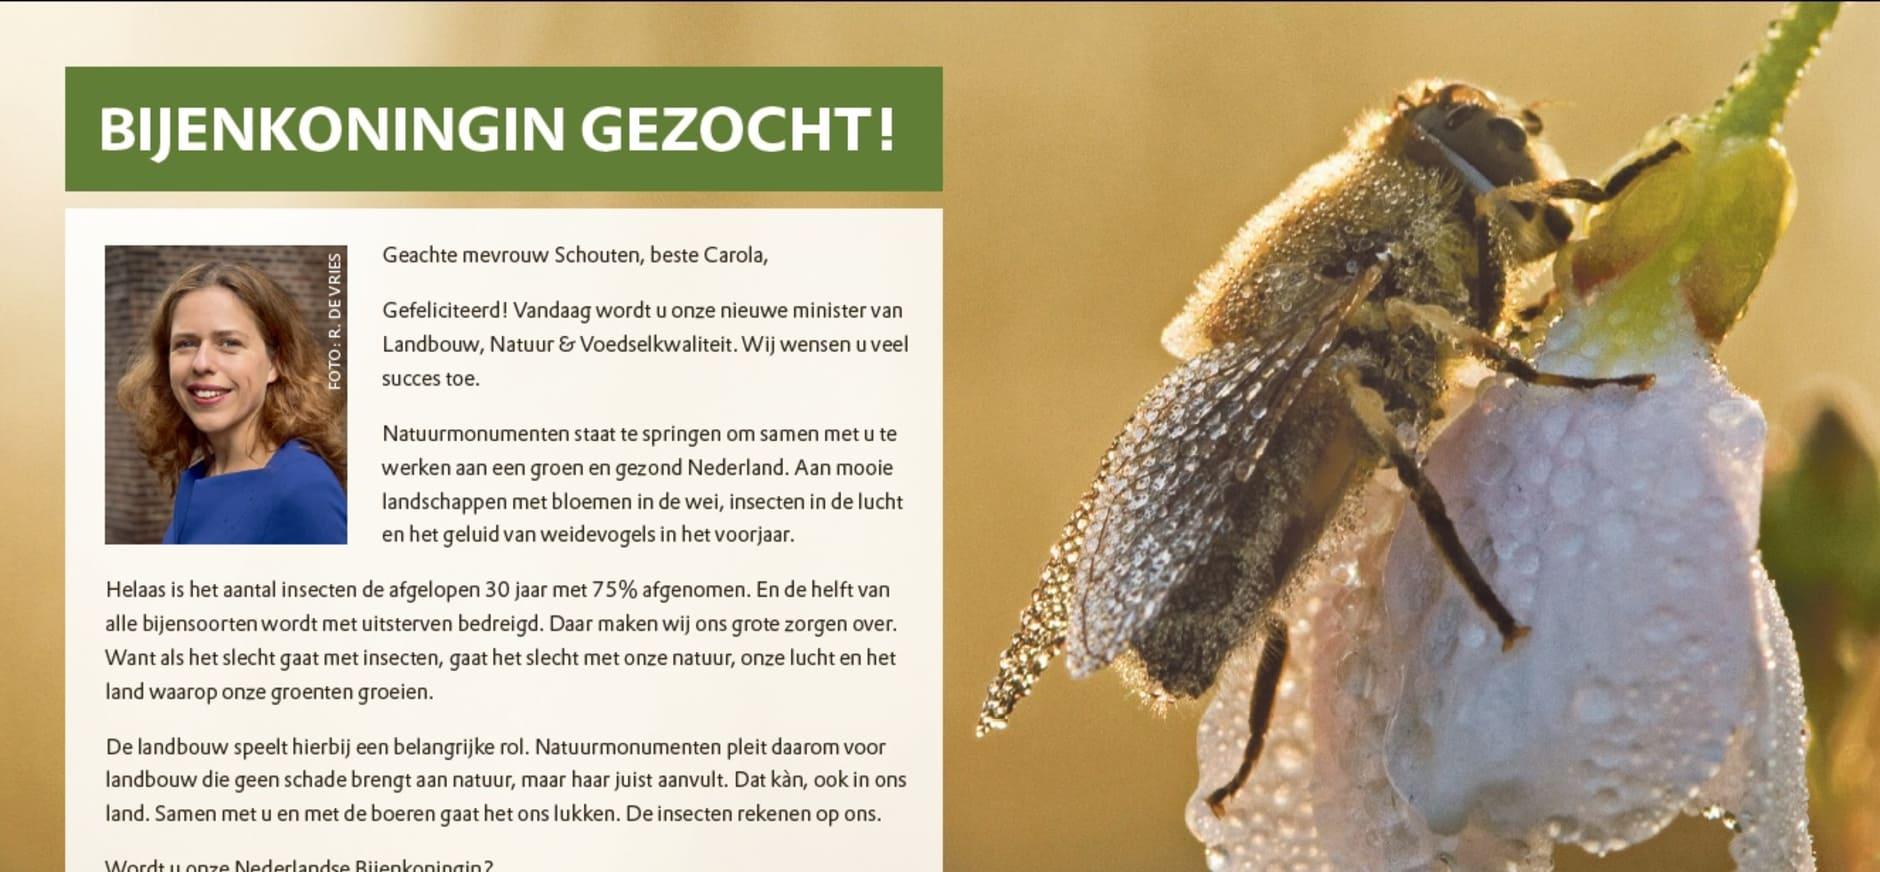 Bijenkoningin Gezocht: actie Natuurmonumenten voor insecten